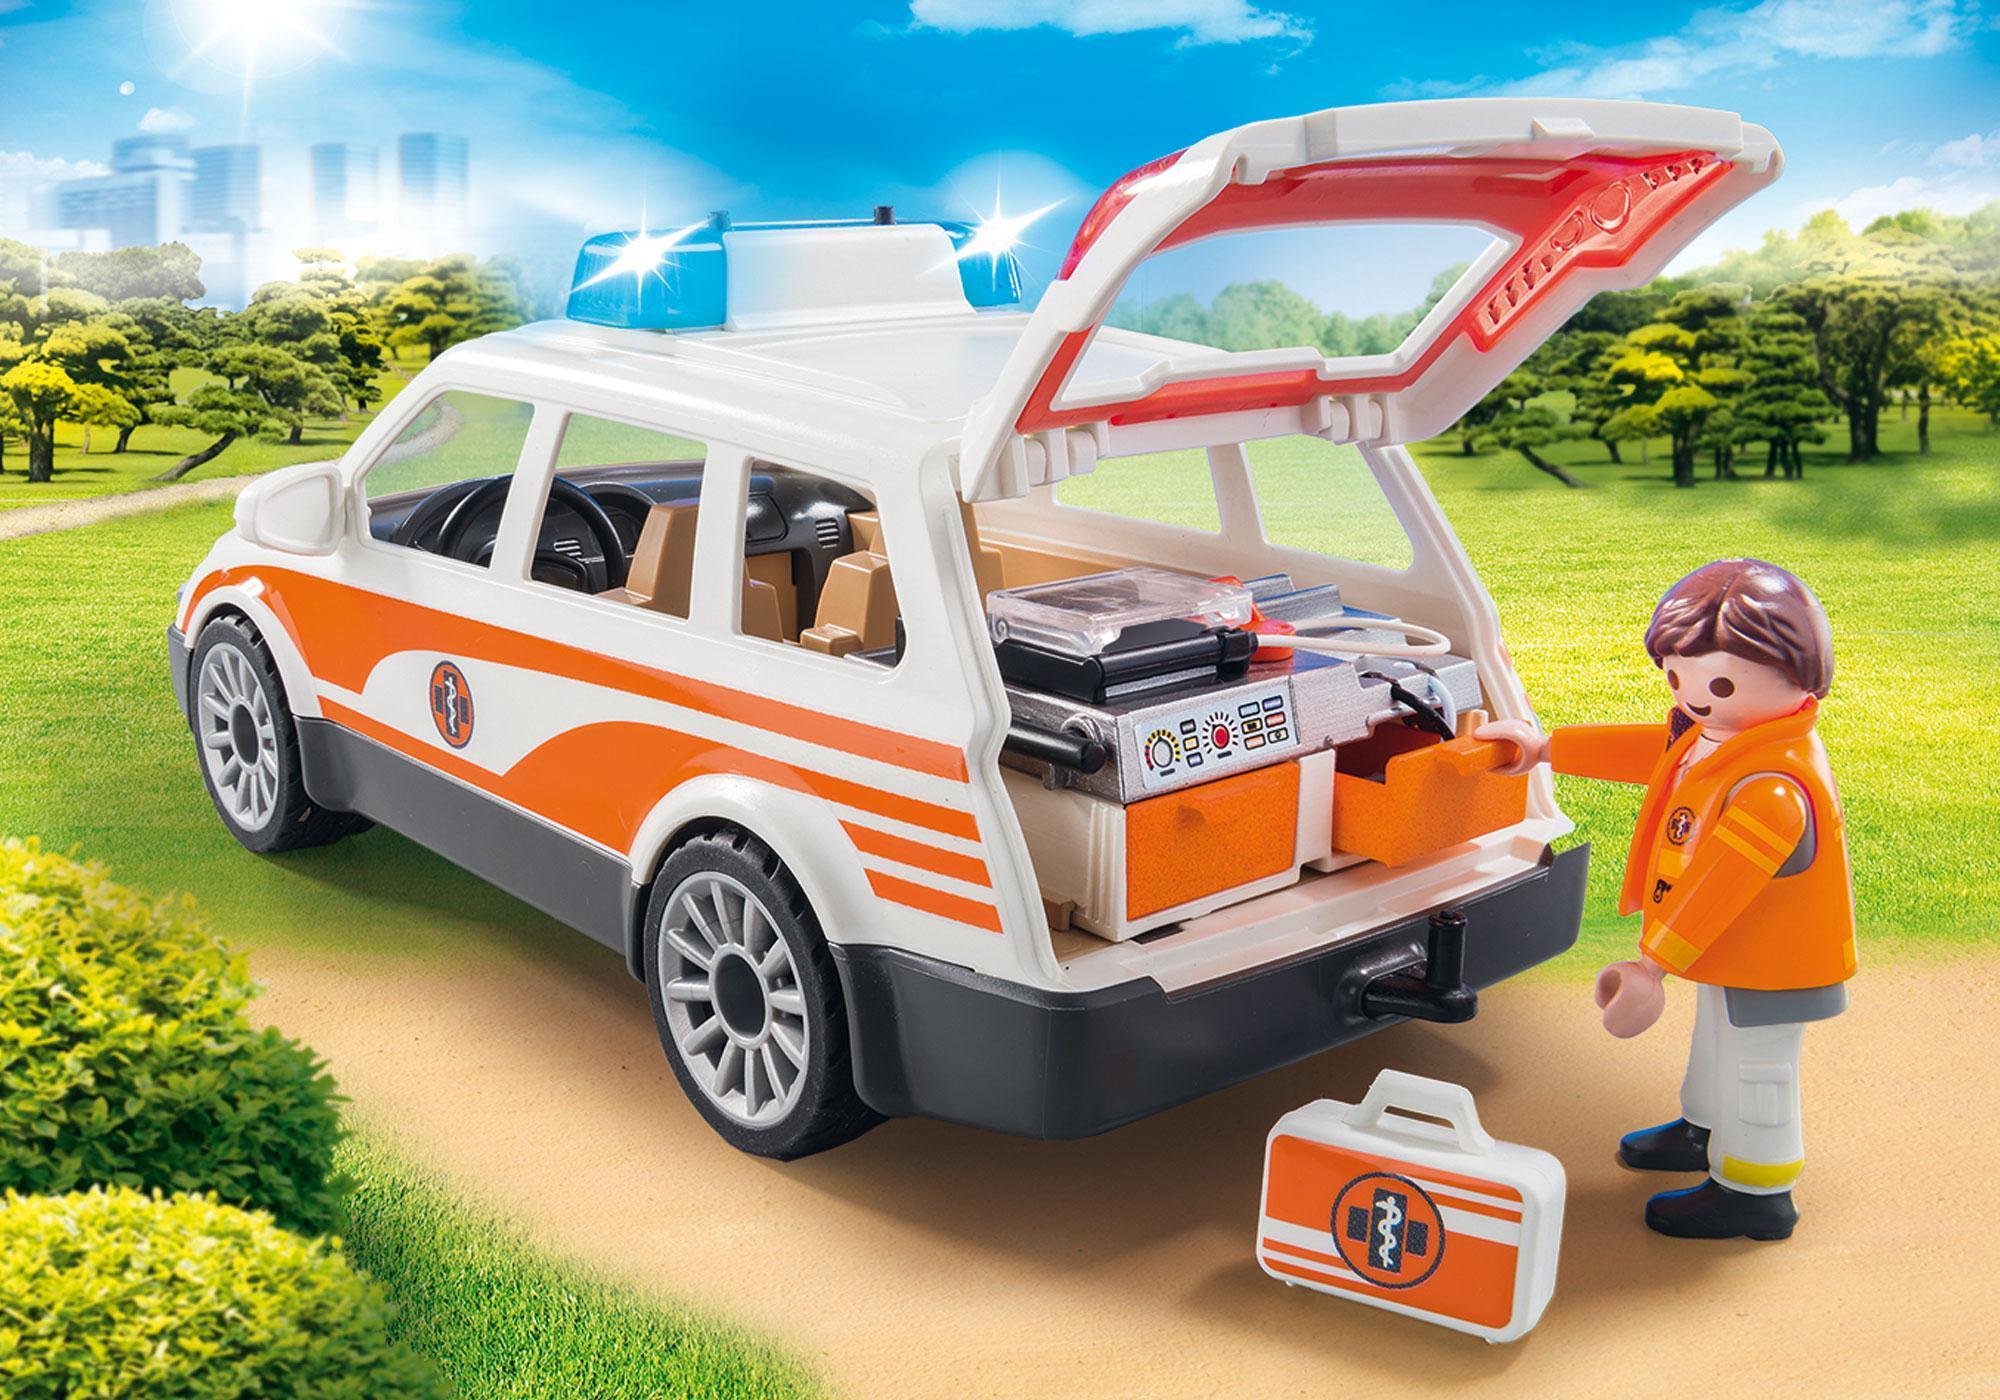 http://media.playmobil.com/i/playmobil/70050_product_extra1/Utryckningsfordon med siren